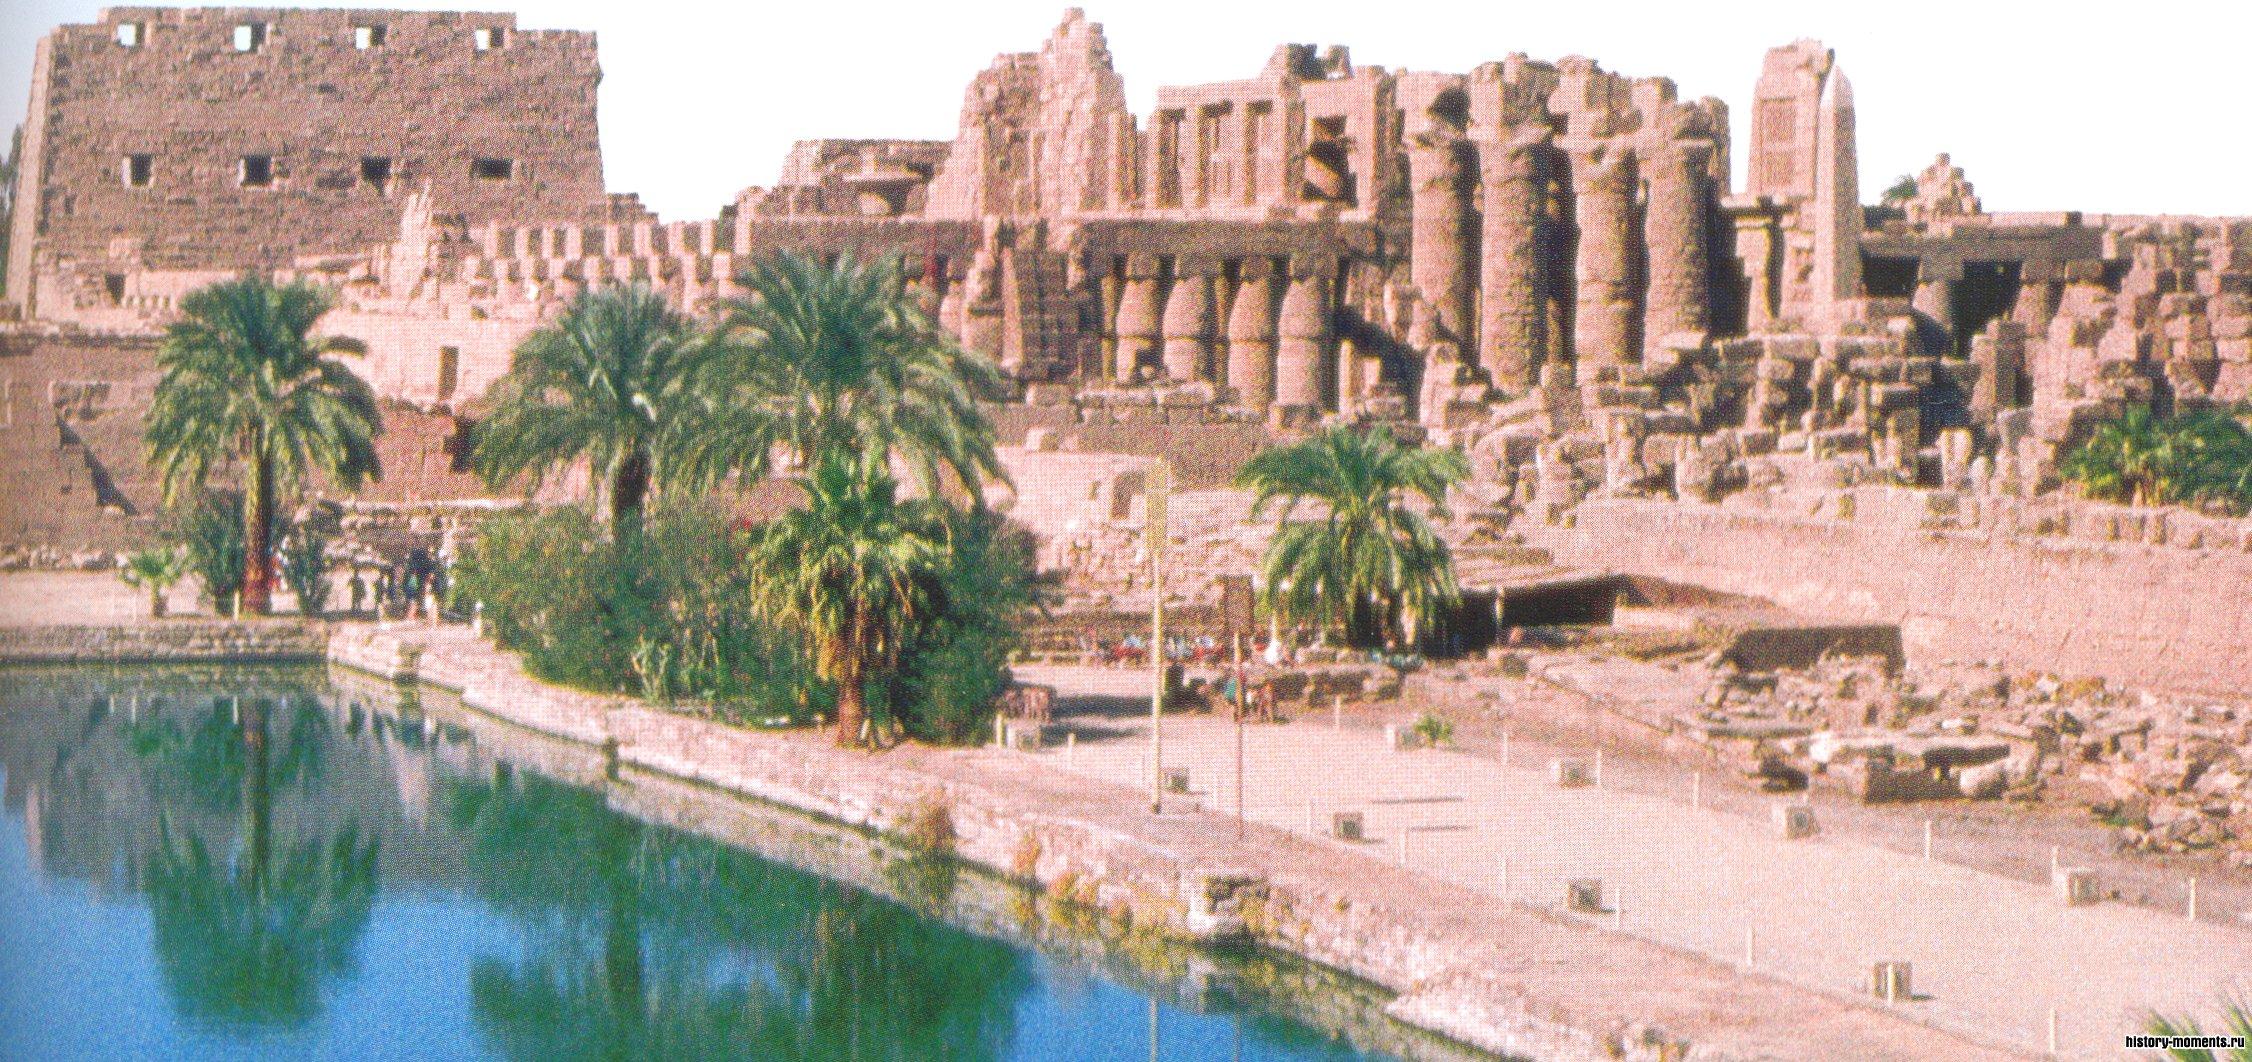 Так выглядит сегодня большой храмовый комплекс в Карнаке. На переднем плане - священное озеро, за ним - развалины храма.